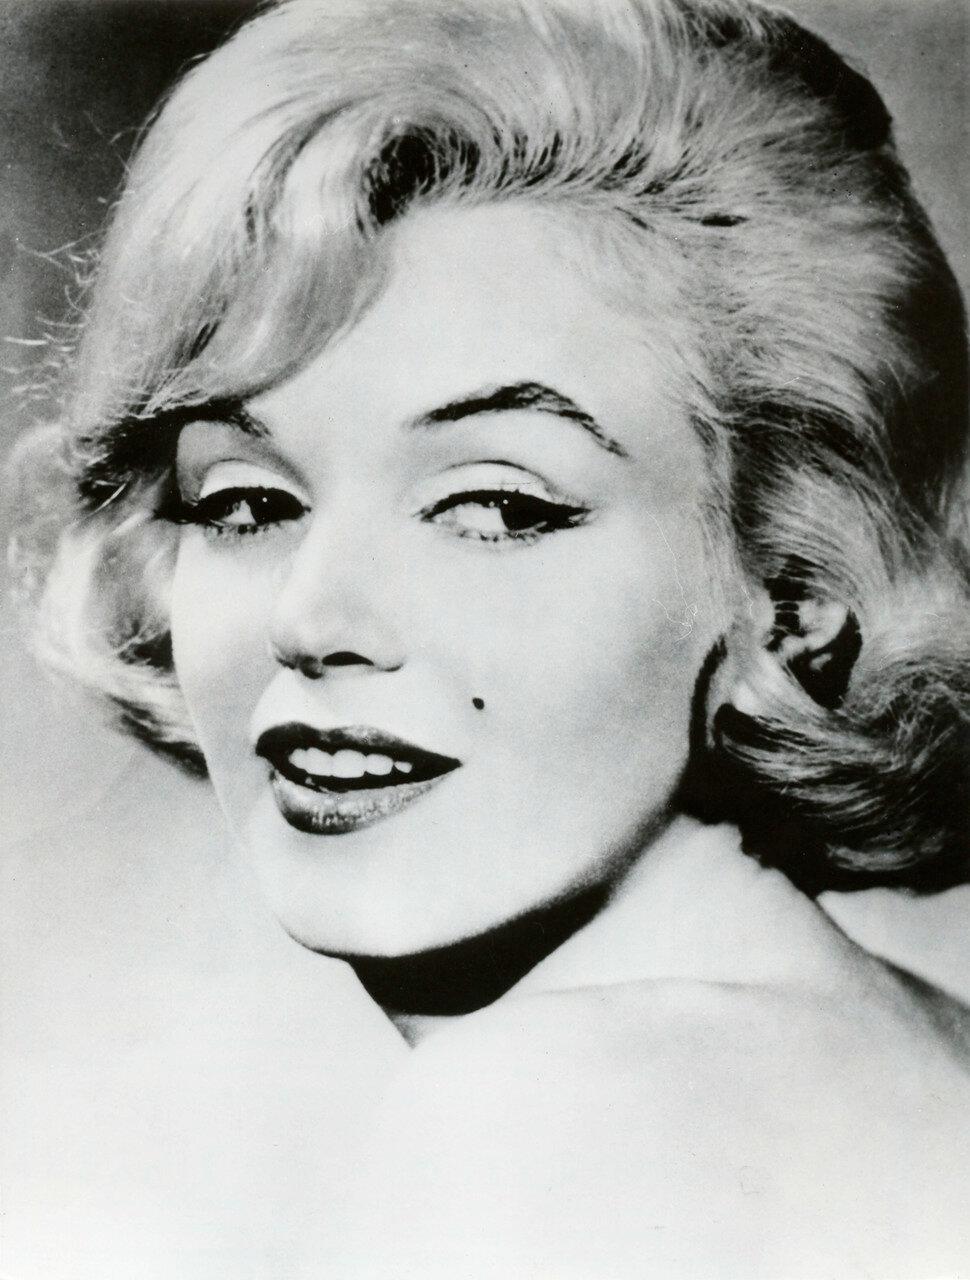 Marilyn Monroe, Portrait